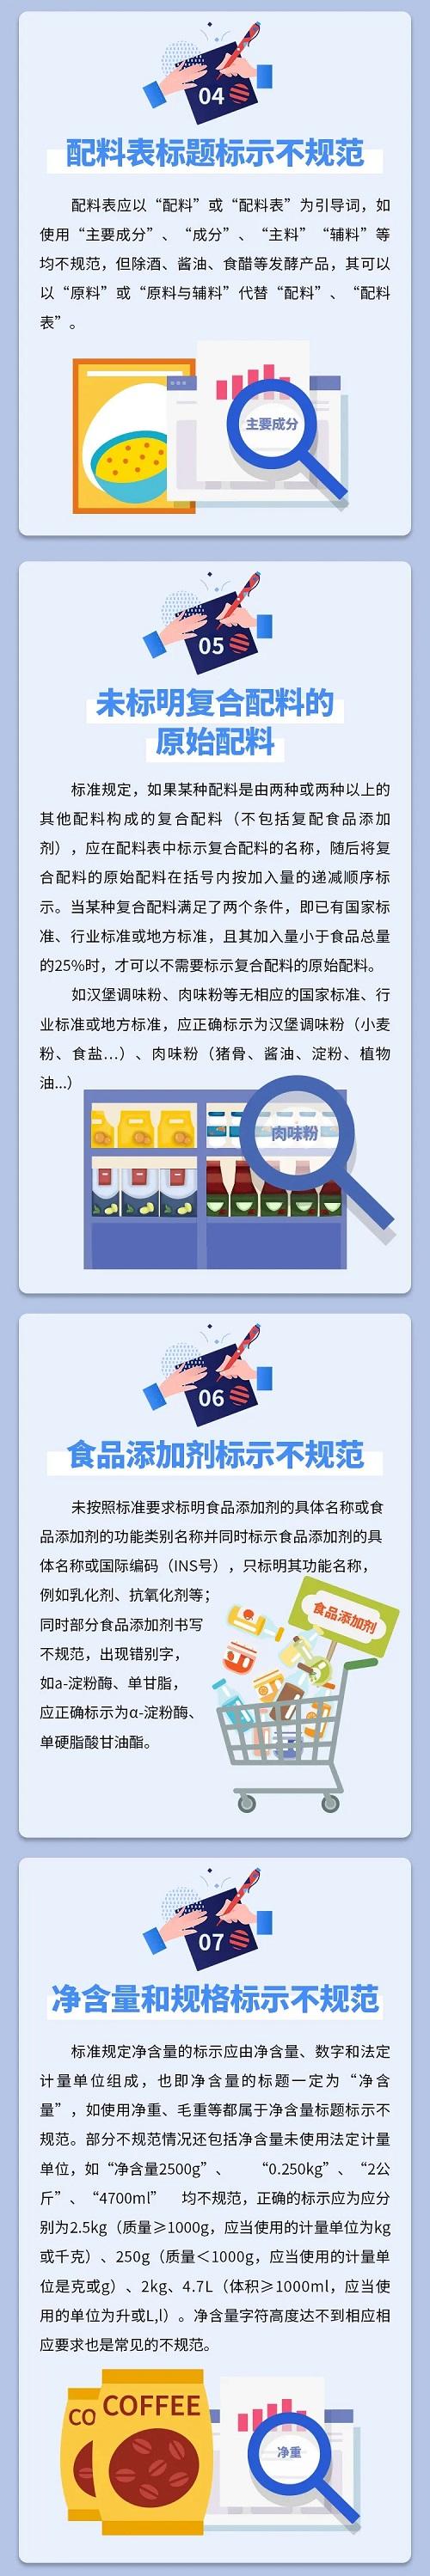 創食安示范城,做幸福榕城人 | 預包裝食品標簽常見的11個錯誤